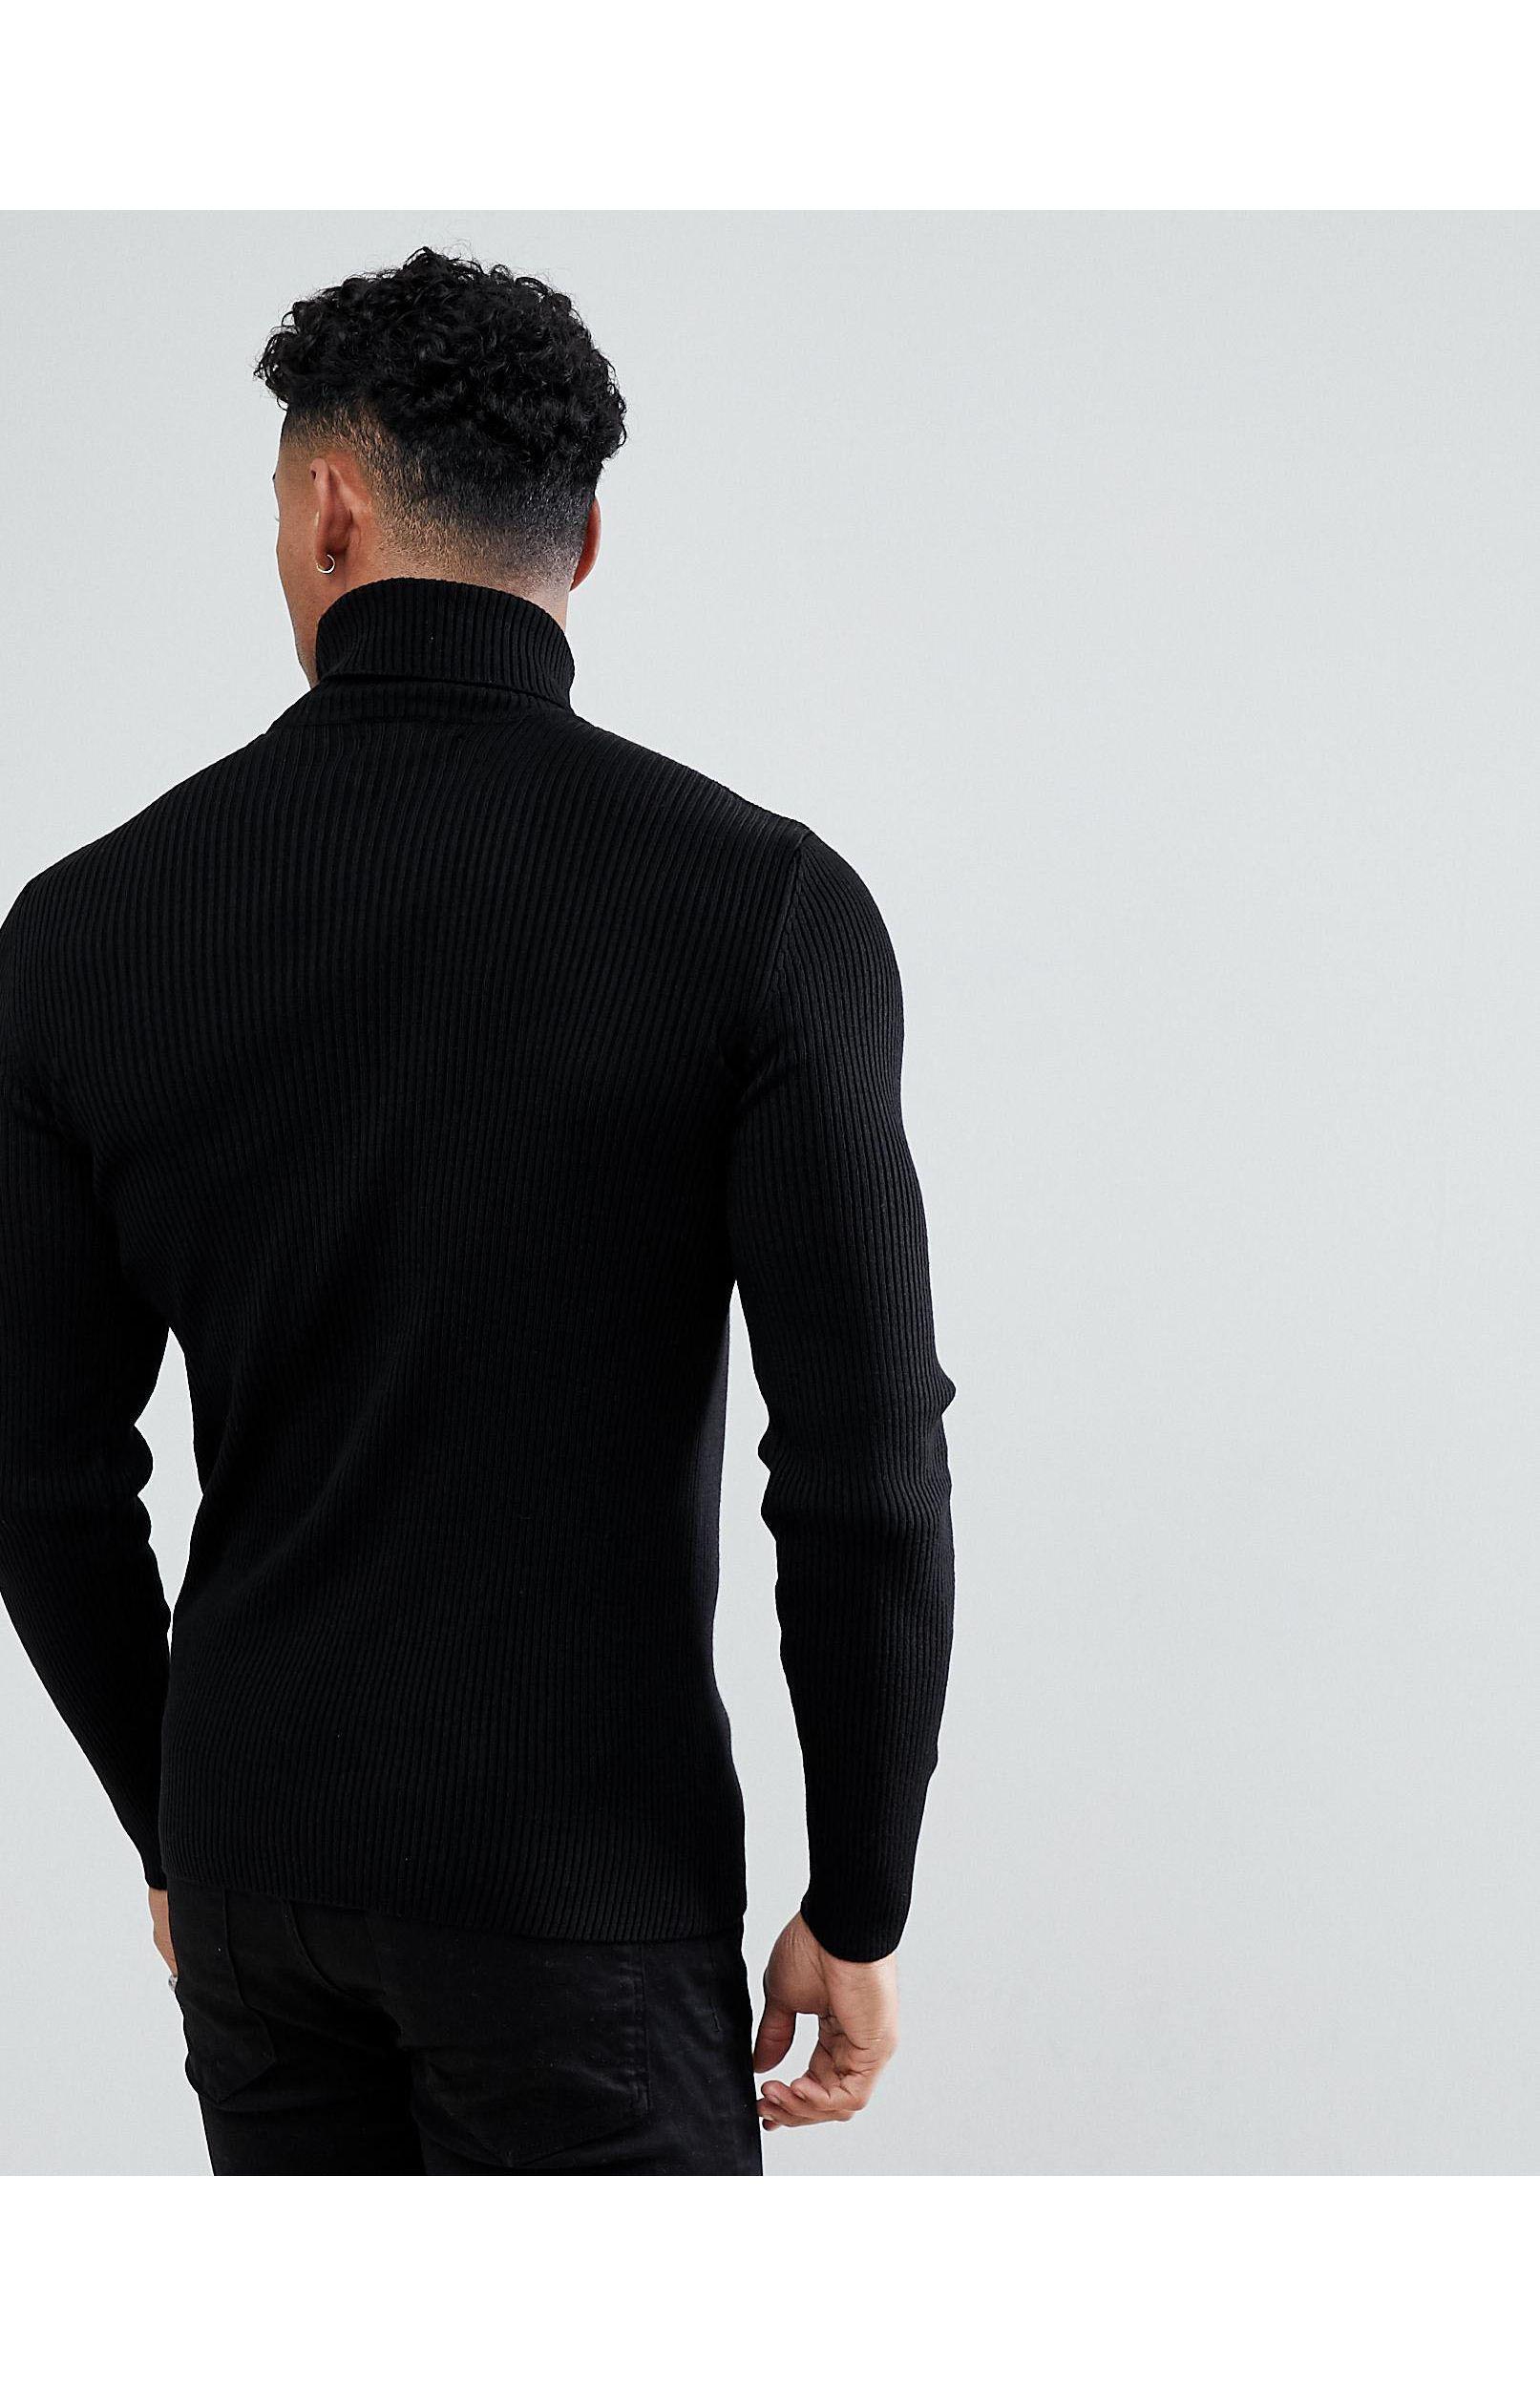 ASOS Denim Muscle Fit Ribbed Roll Neck Jumper in Black for Men